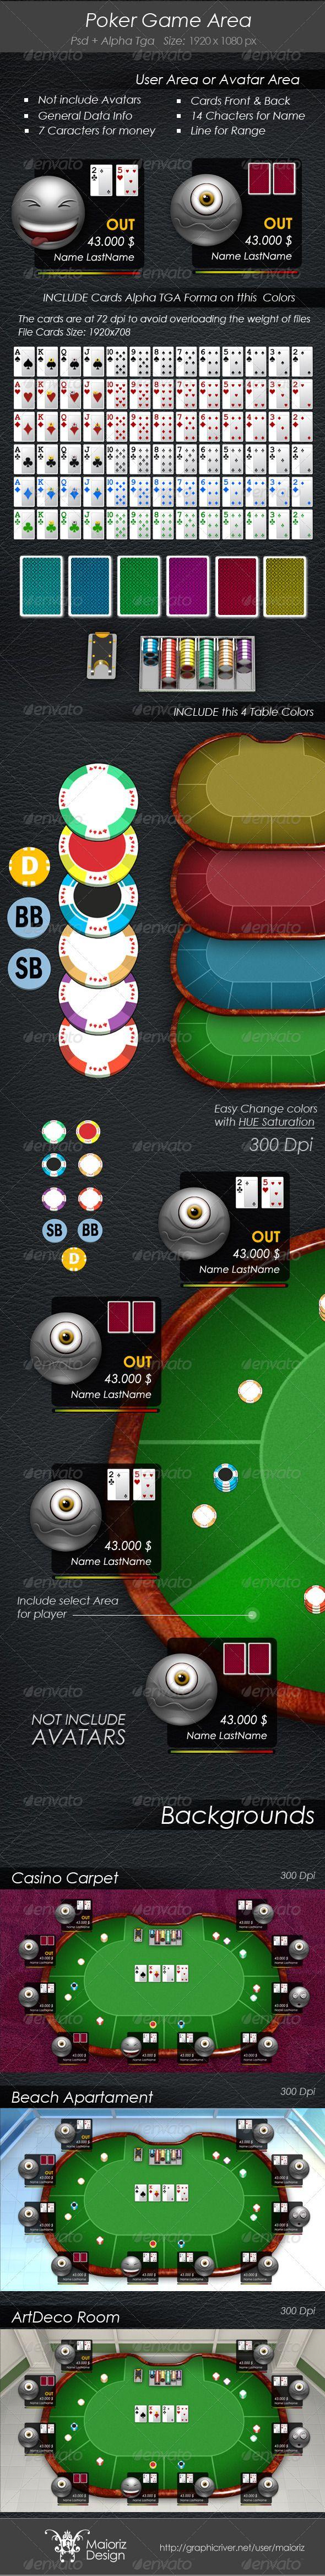 Casino aachen poker cash game - pity